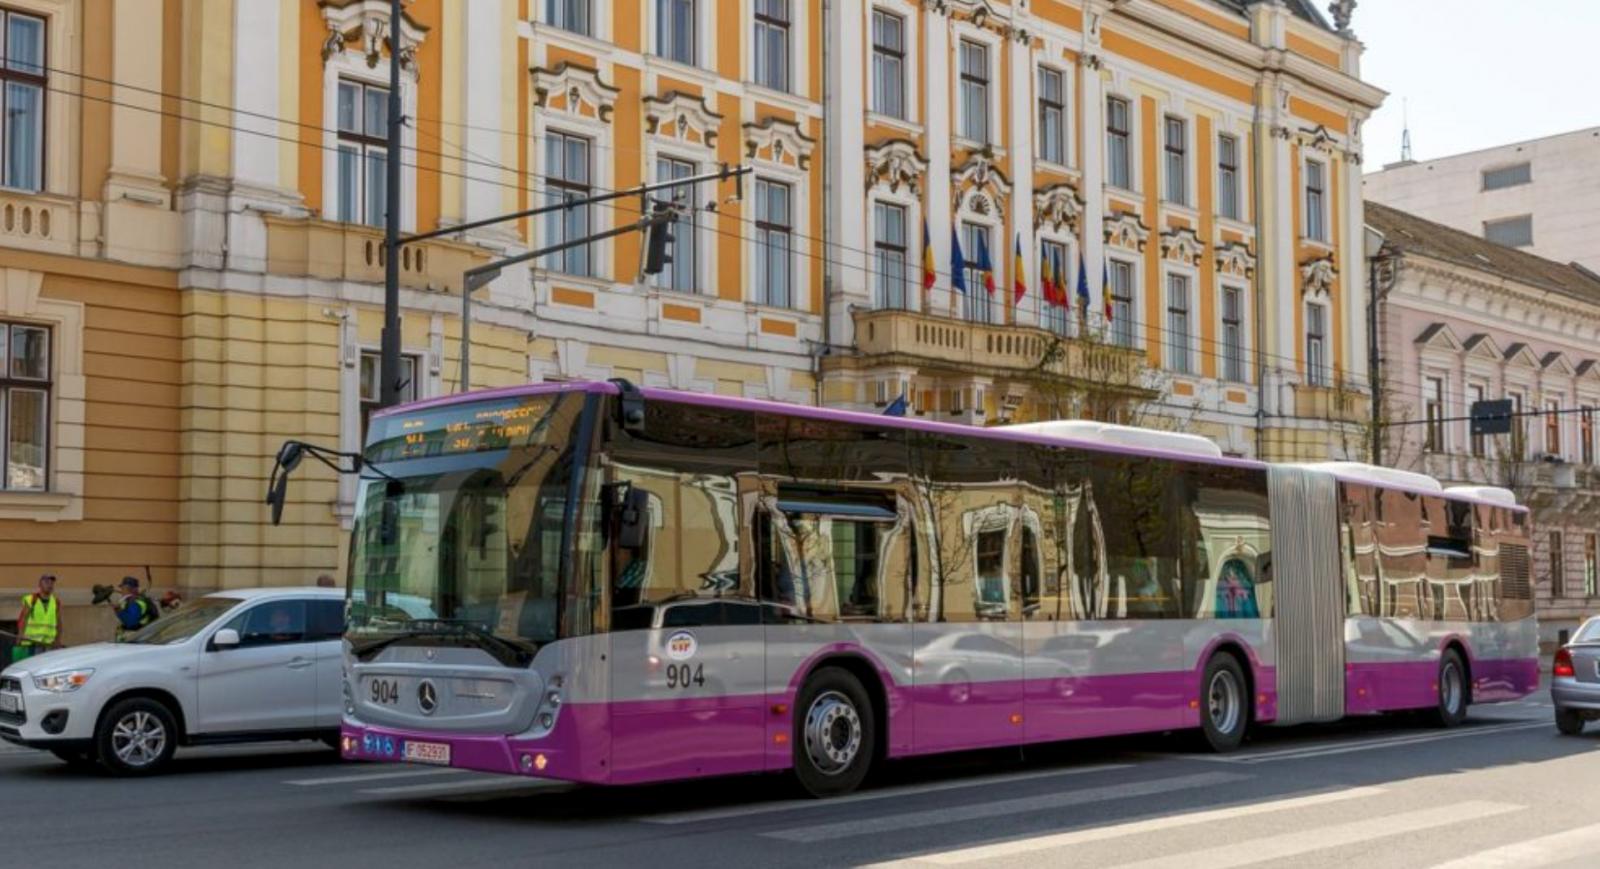 (foto) Autobuze noi în Cluj-Napoca: Sunt dotate cu aer condiționat, camere video și facilități pentru persoane cu dizabilități